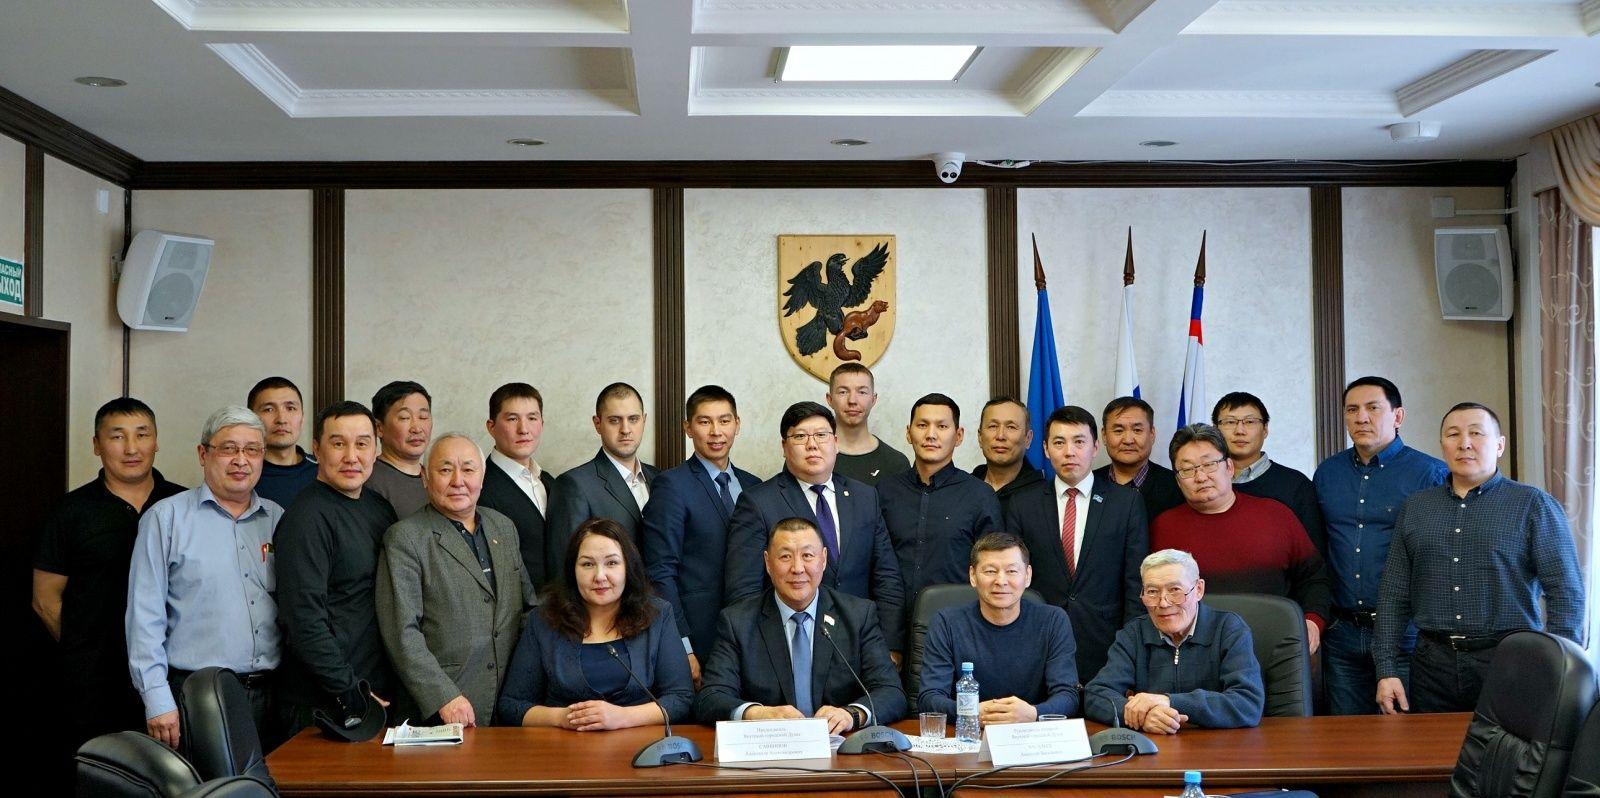 В Якутской городской Думе прошел круглый стол на тему защиты интересов охотников Якутии